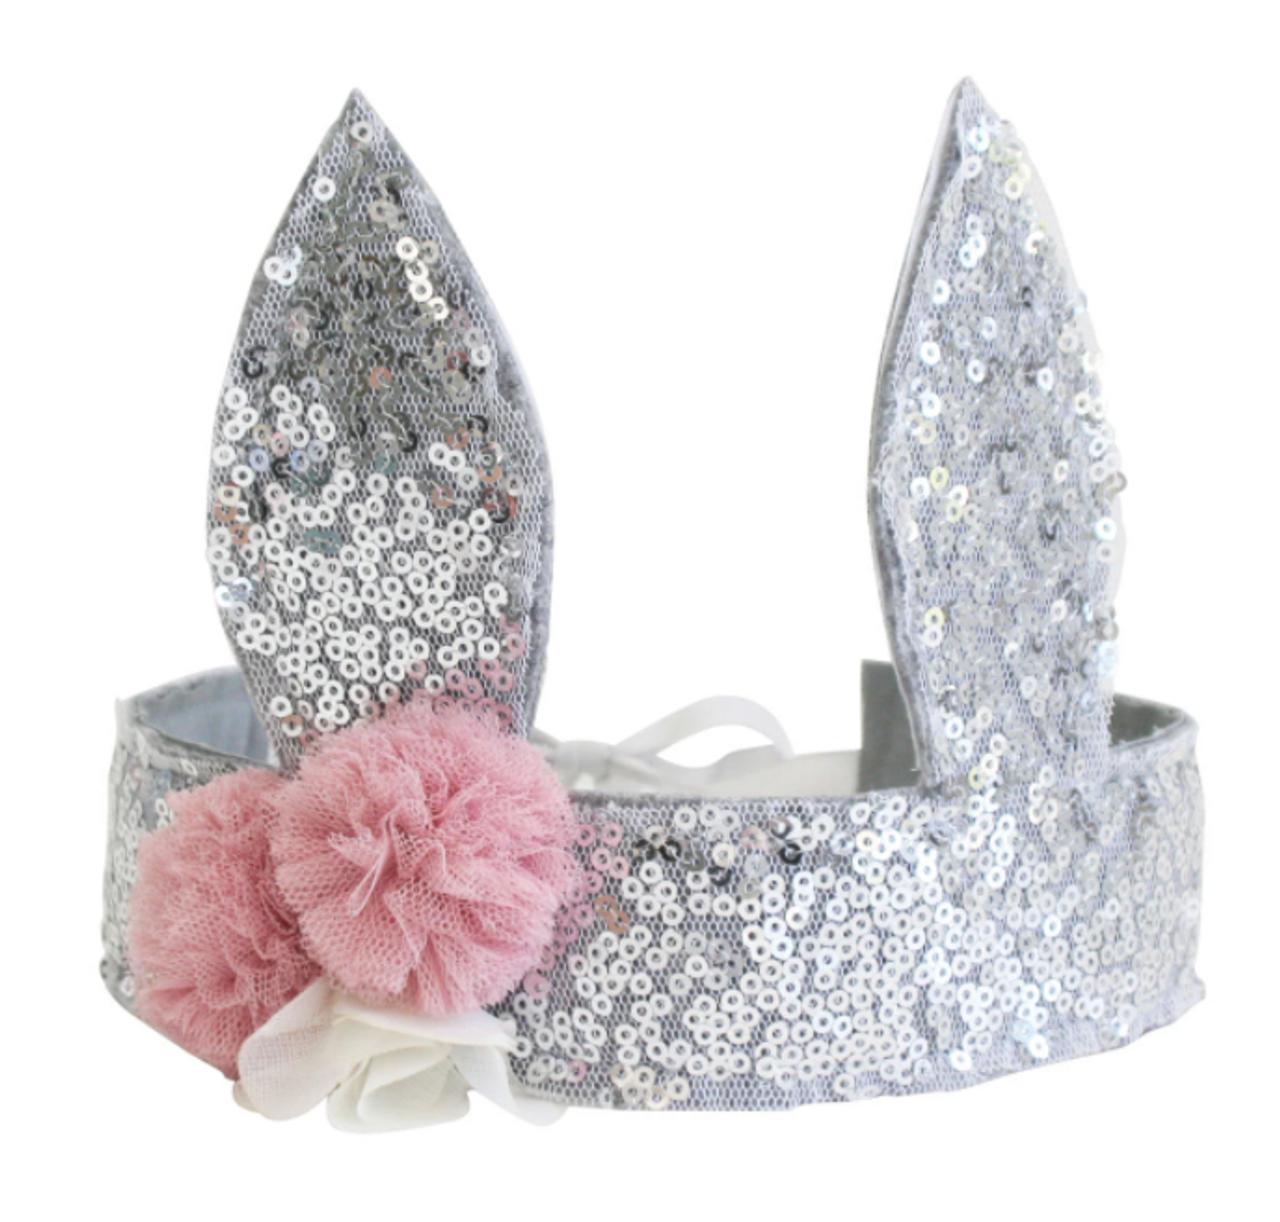 Sequin Bunny Crown - Silver